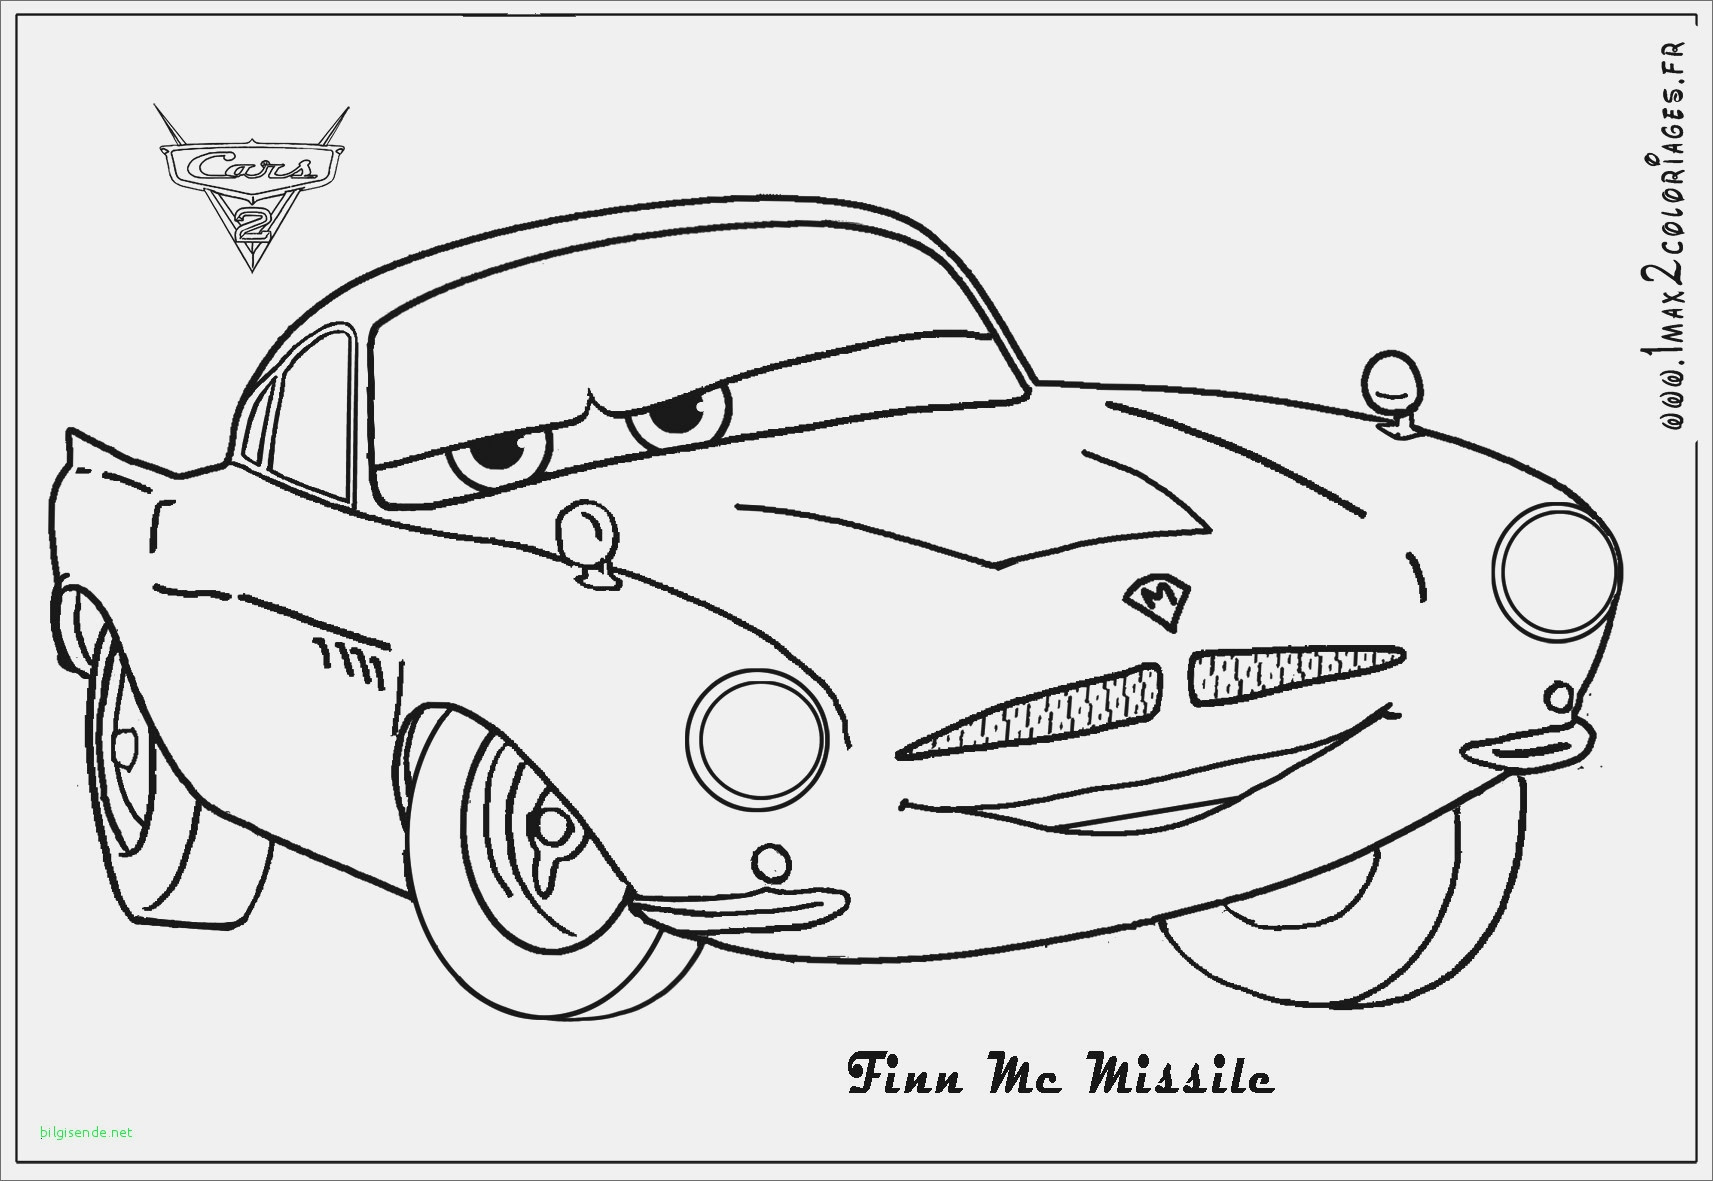 Ausmalbilder Mickey Mouse Frisch Lkw Malvorlagen Kostenlos Beispielbilder Färben Malvorlagen Igel Bild